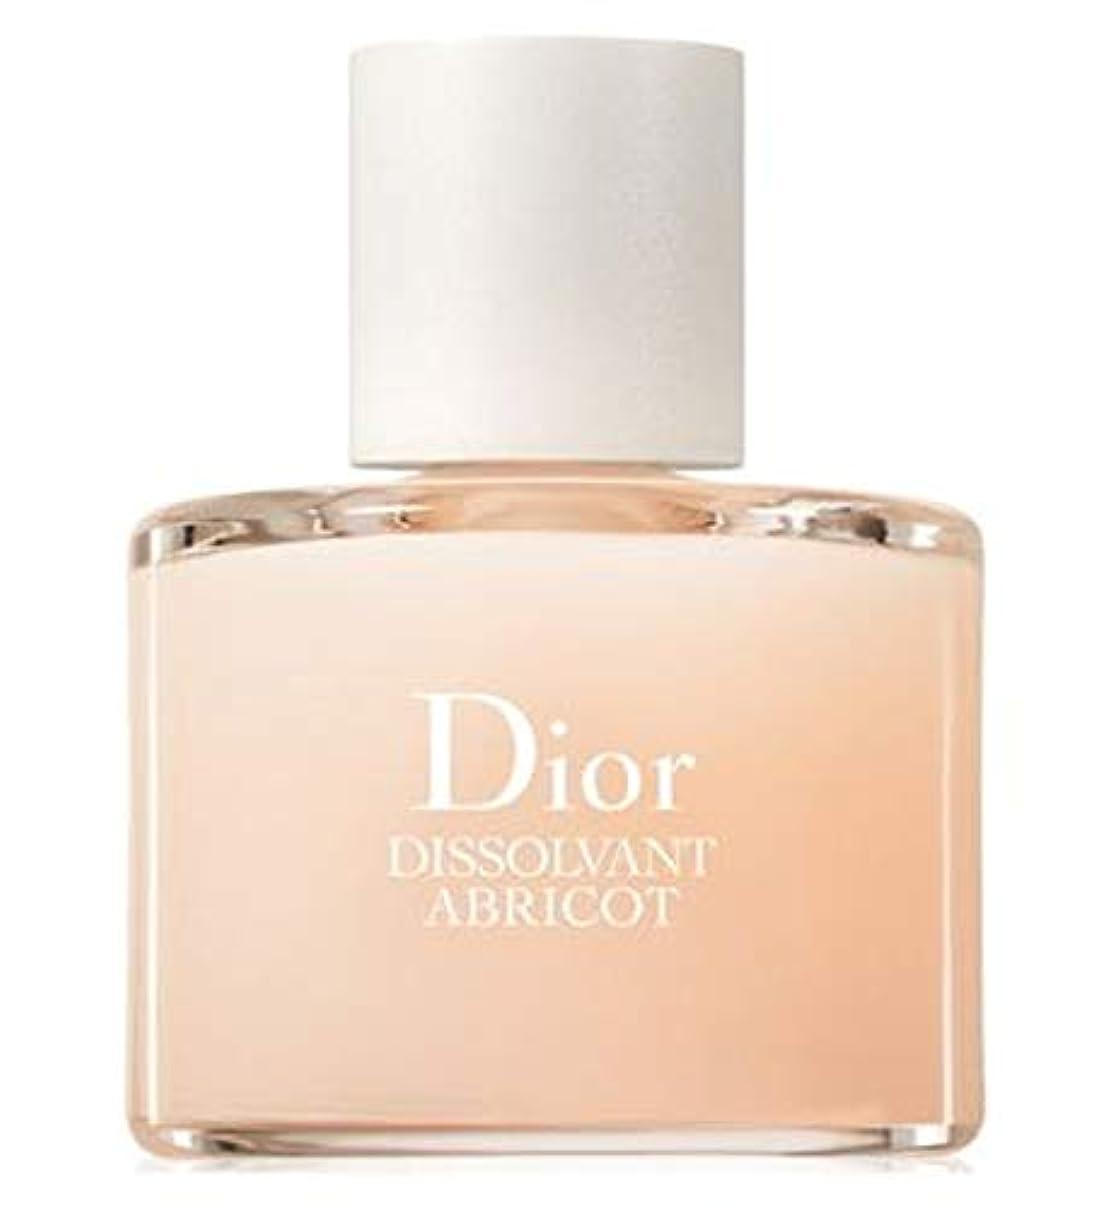 意外美徳おなかがすいた[Dior] Abricotケア濃縮50ミリリットルで穏やかポリッシュリムーバーAbricotディオールDissolvant - Dior Dissolvant Abricot Gentle Polish Remover...